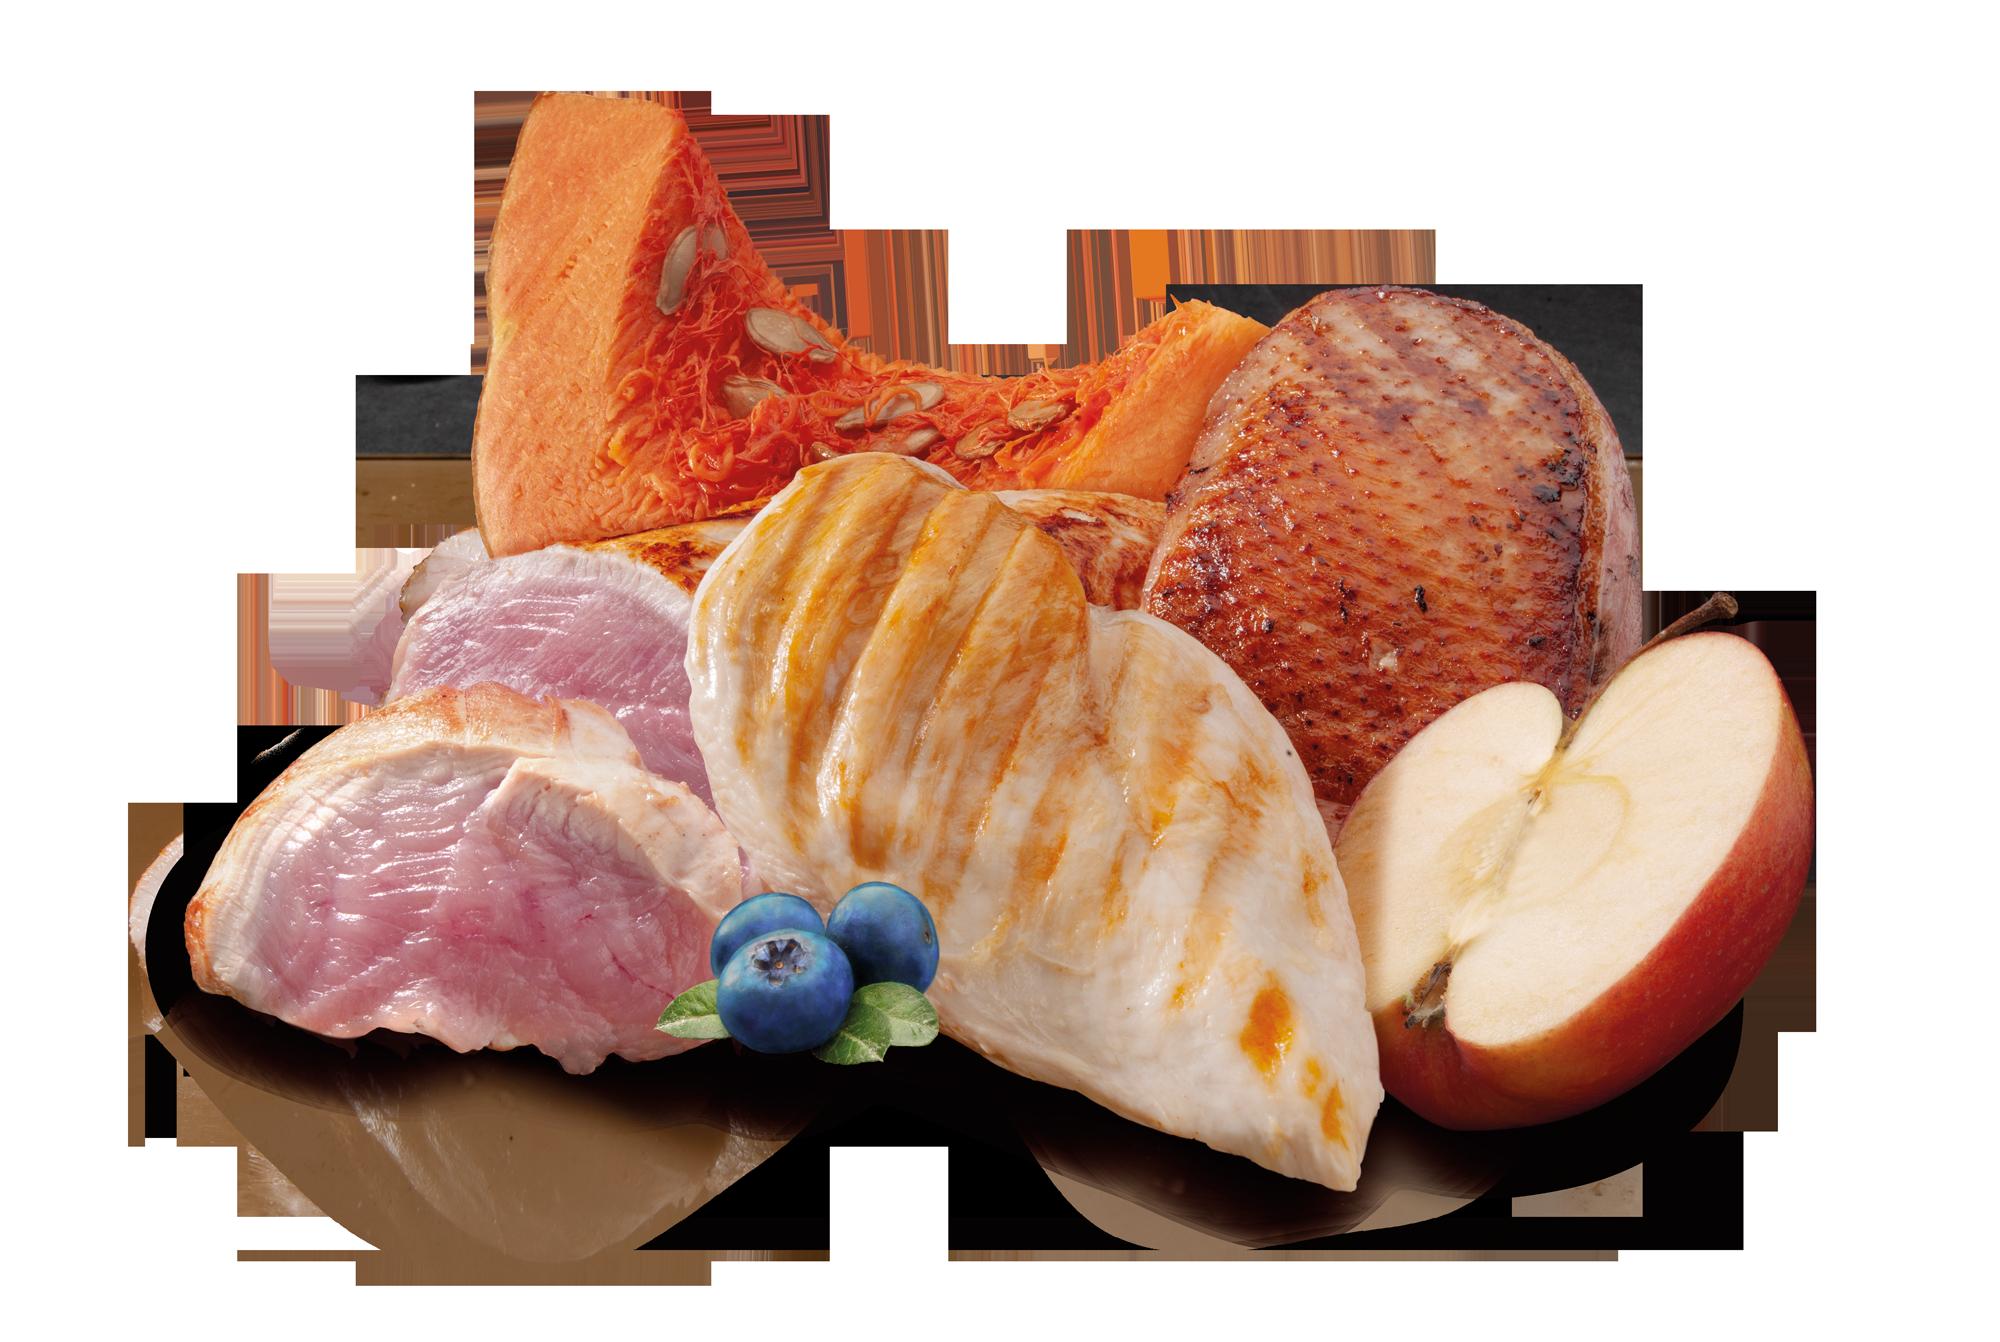 Auyama manzana carnes ingredientes de la receta de Zen natural Balanced Nutrition